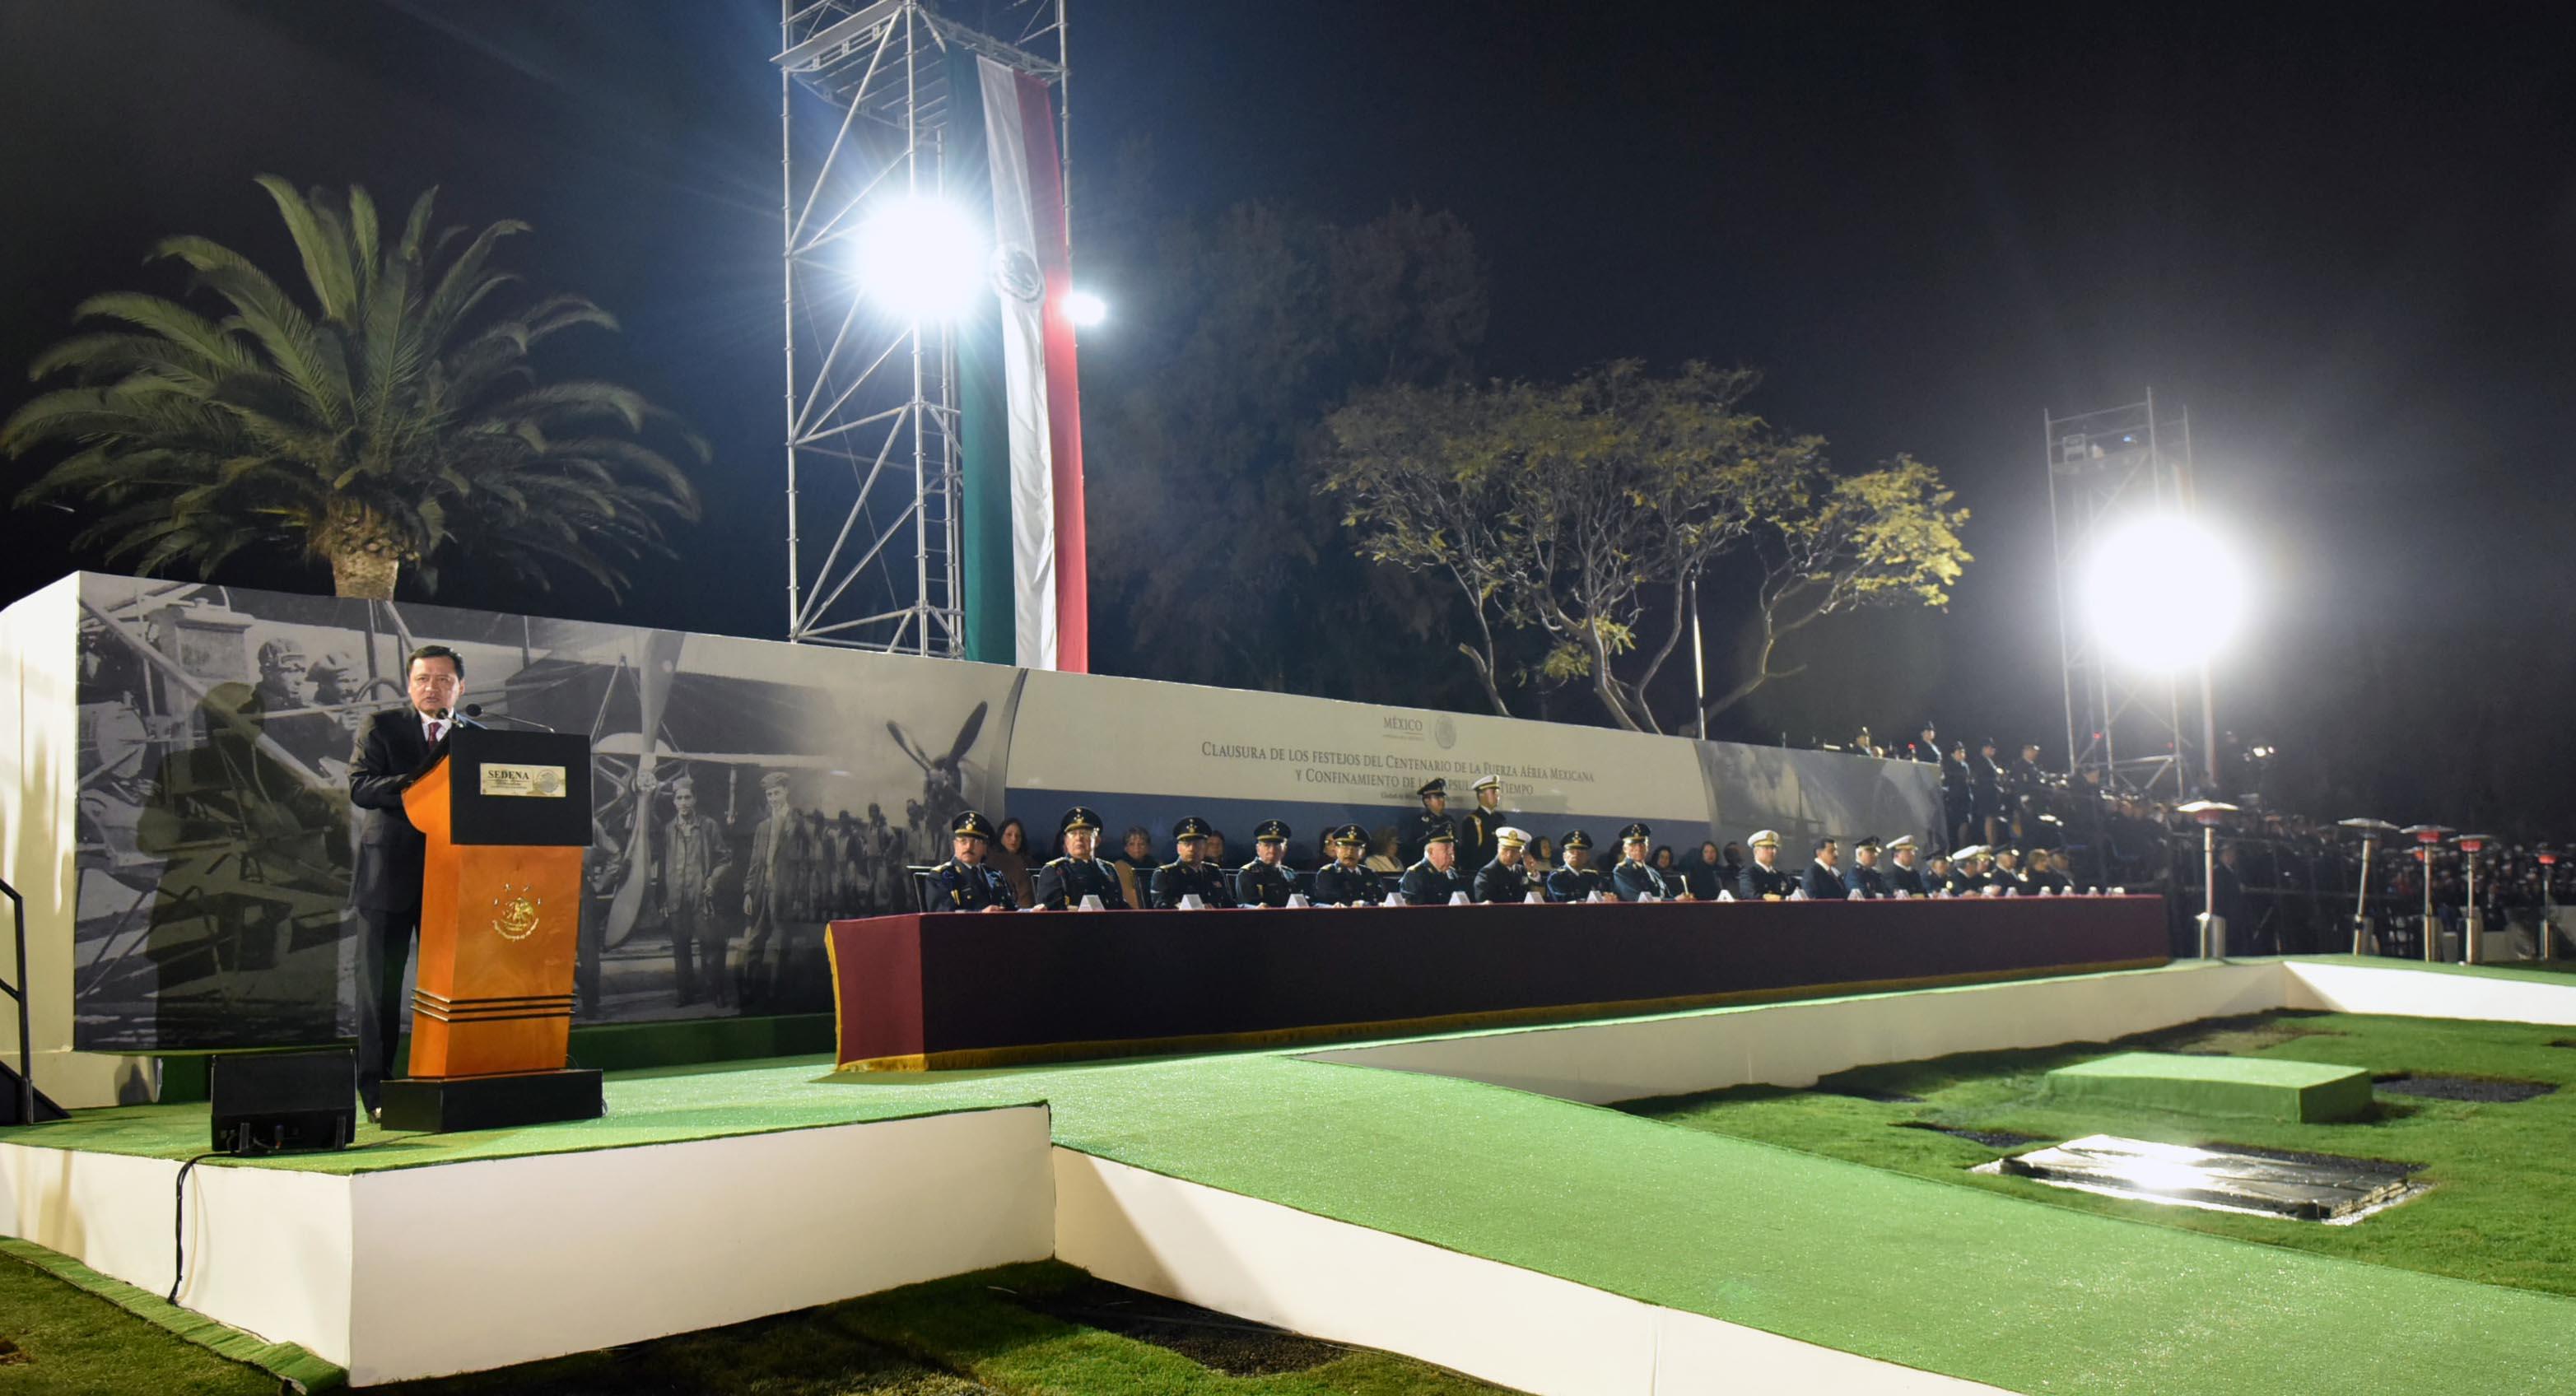 El Secretario de Gobernación, Miguel Ángel Osorio Chong, encabezó la ceremonia de Clausura de los Festejos del Centenario de la Fuerza Aérea Mexicana